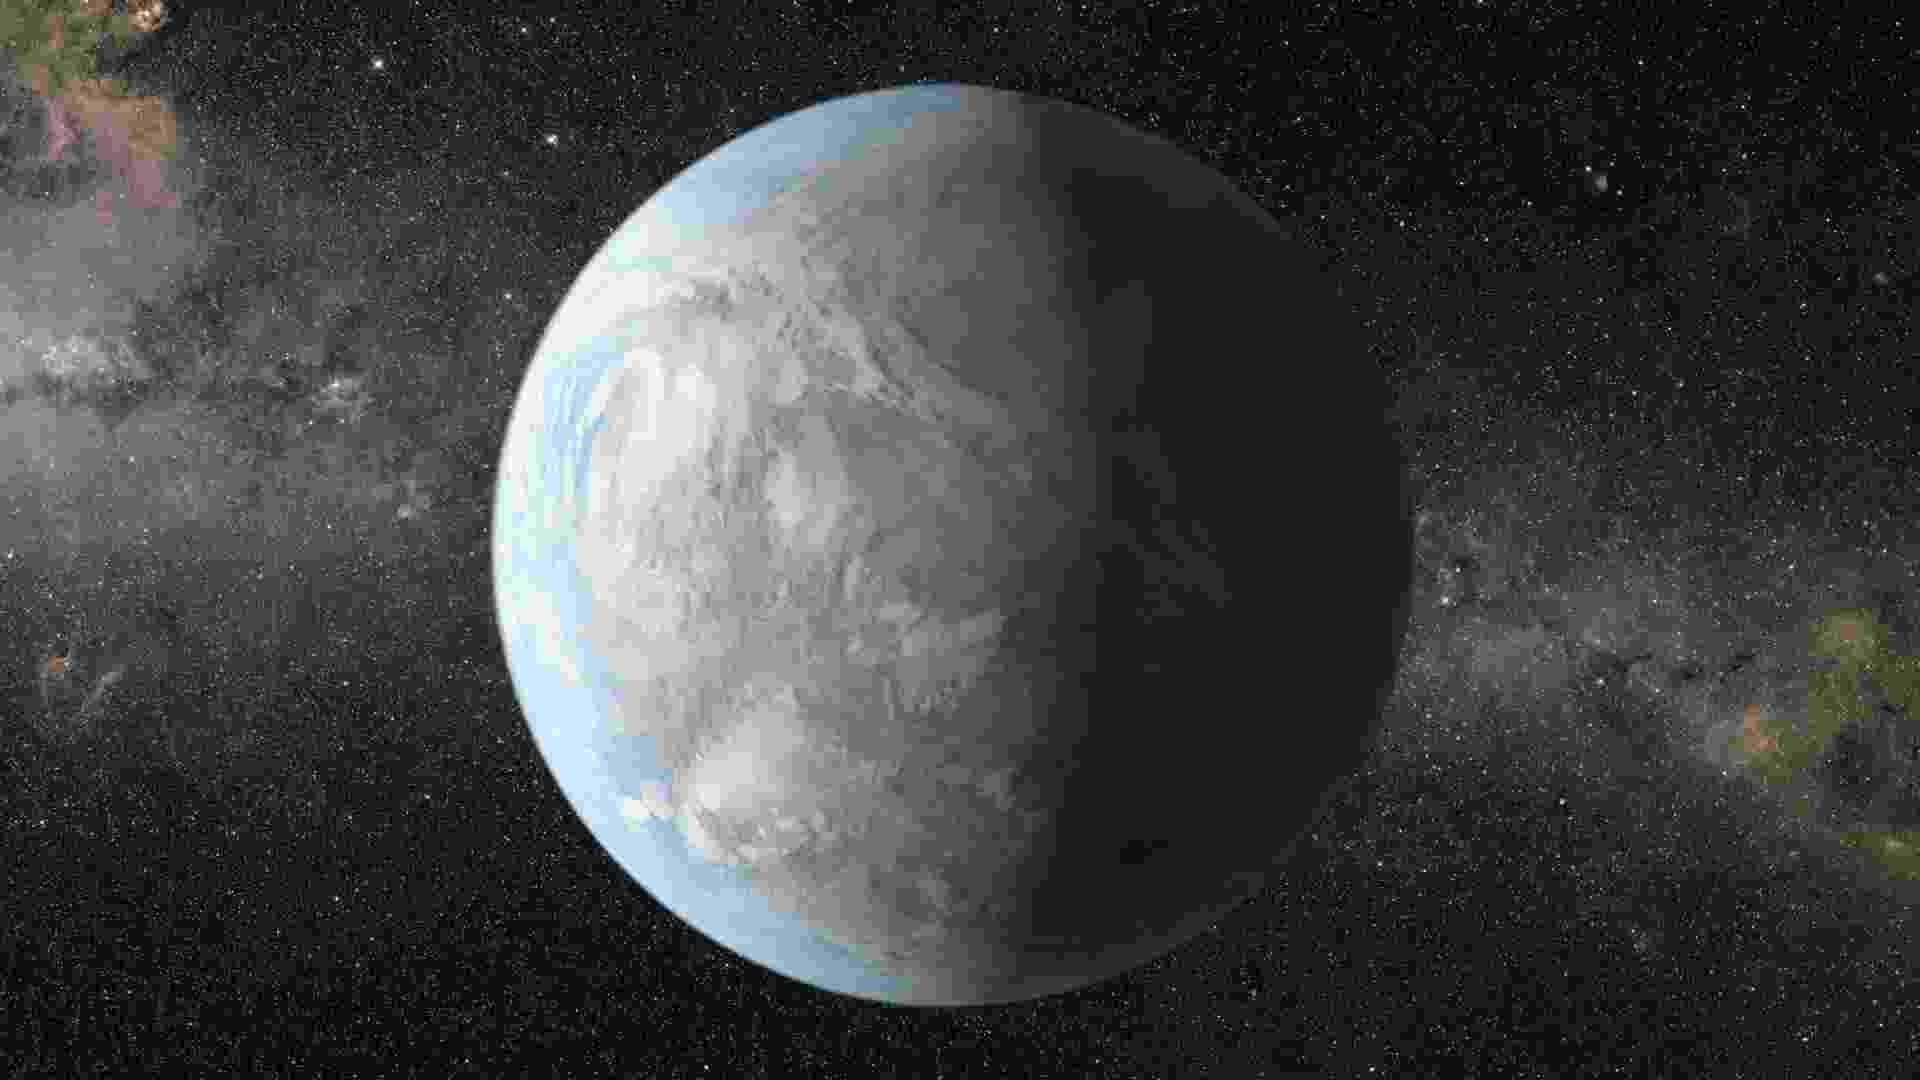 5.nov.2013- Uma em cada cinco estrelas similares ao Sol na Via Láctea possuem planetas do tamanho da Terra, que poderiam abrigar vida, revela novo estudo da Nasa (Agência Espacial Norte-Americana). Na imagem, impressão artística do Kepler-62e, uma super-Terra na zona habitável de uma estrela menor e mais fria que o Sol, a 1.200 anos-luz de distância - Reuters/Nasa/JPL-Caltech